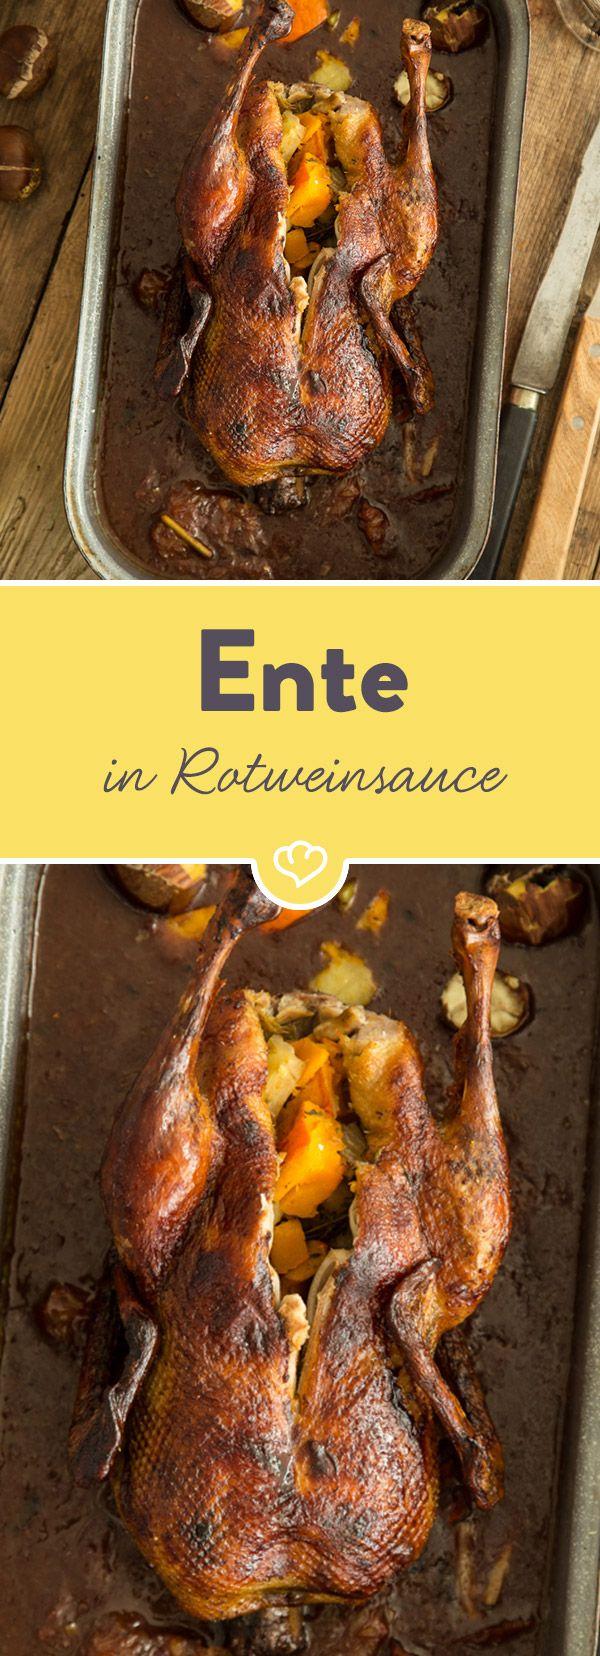 Da kann der Weihnachtsabend kommen. Mit dieser knusprigen Ente in leckerer Rotweinsauce begeisterst du Familie und Freunde mit Sicherheit!